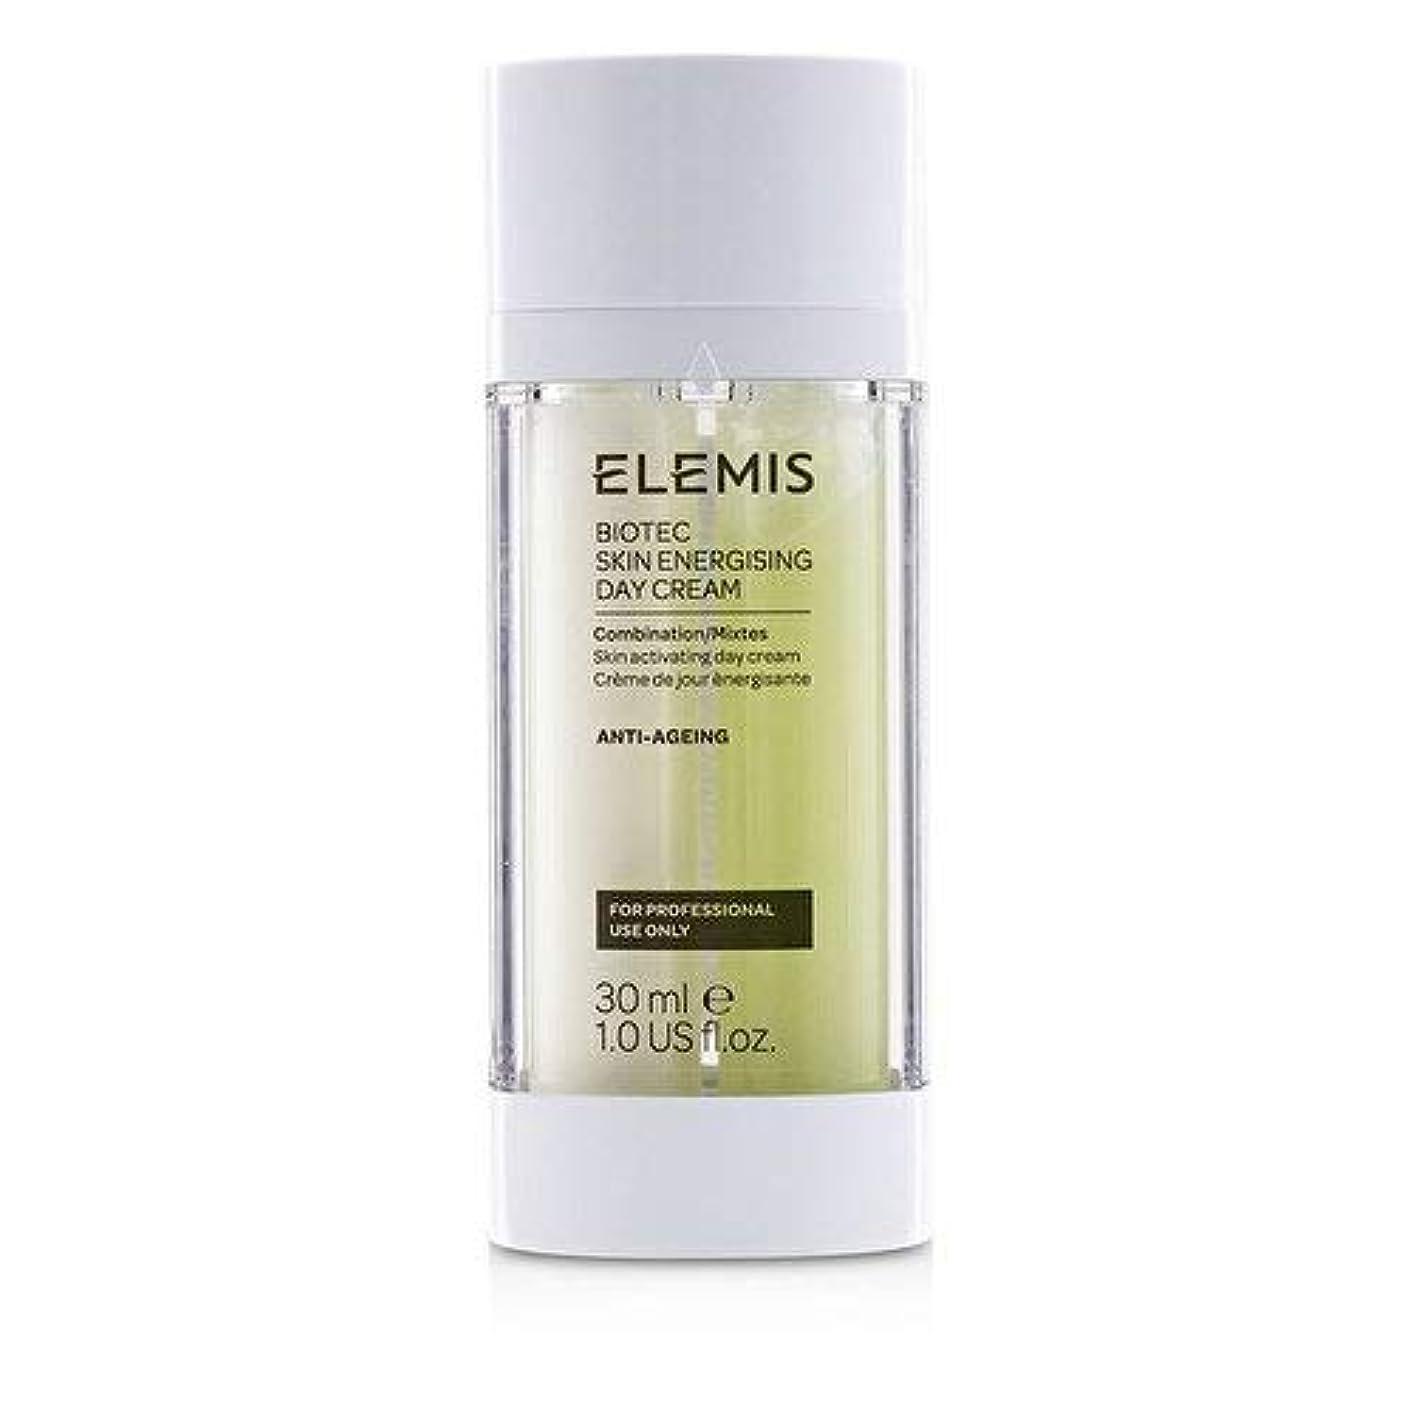 成熟したスカリーマチュピチュエレミス BIOTEC Skin Energising Day Cream - Combination (Salon Product) 30ml/1oz並行輸入品